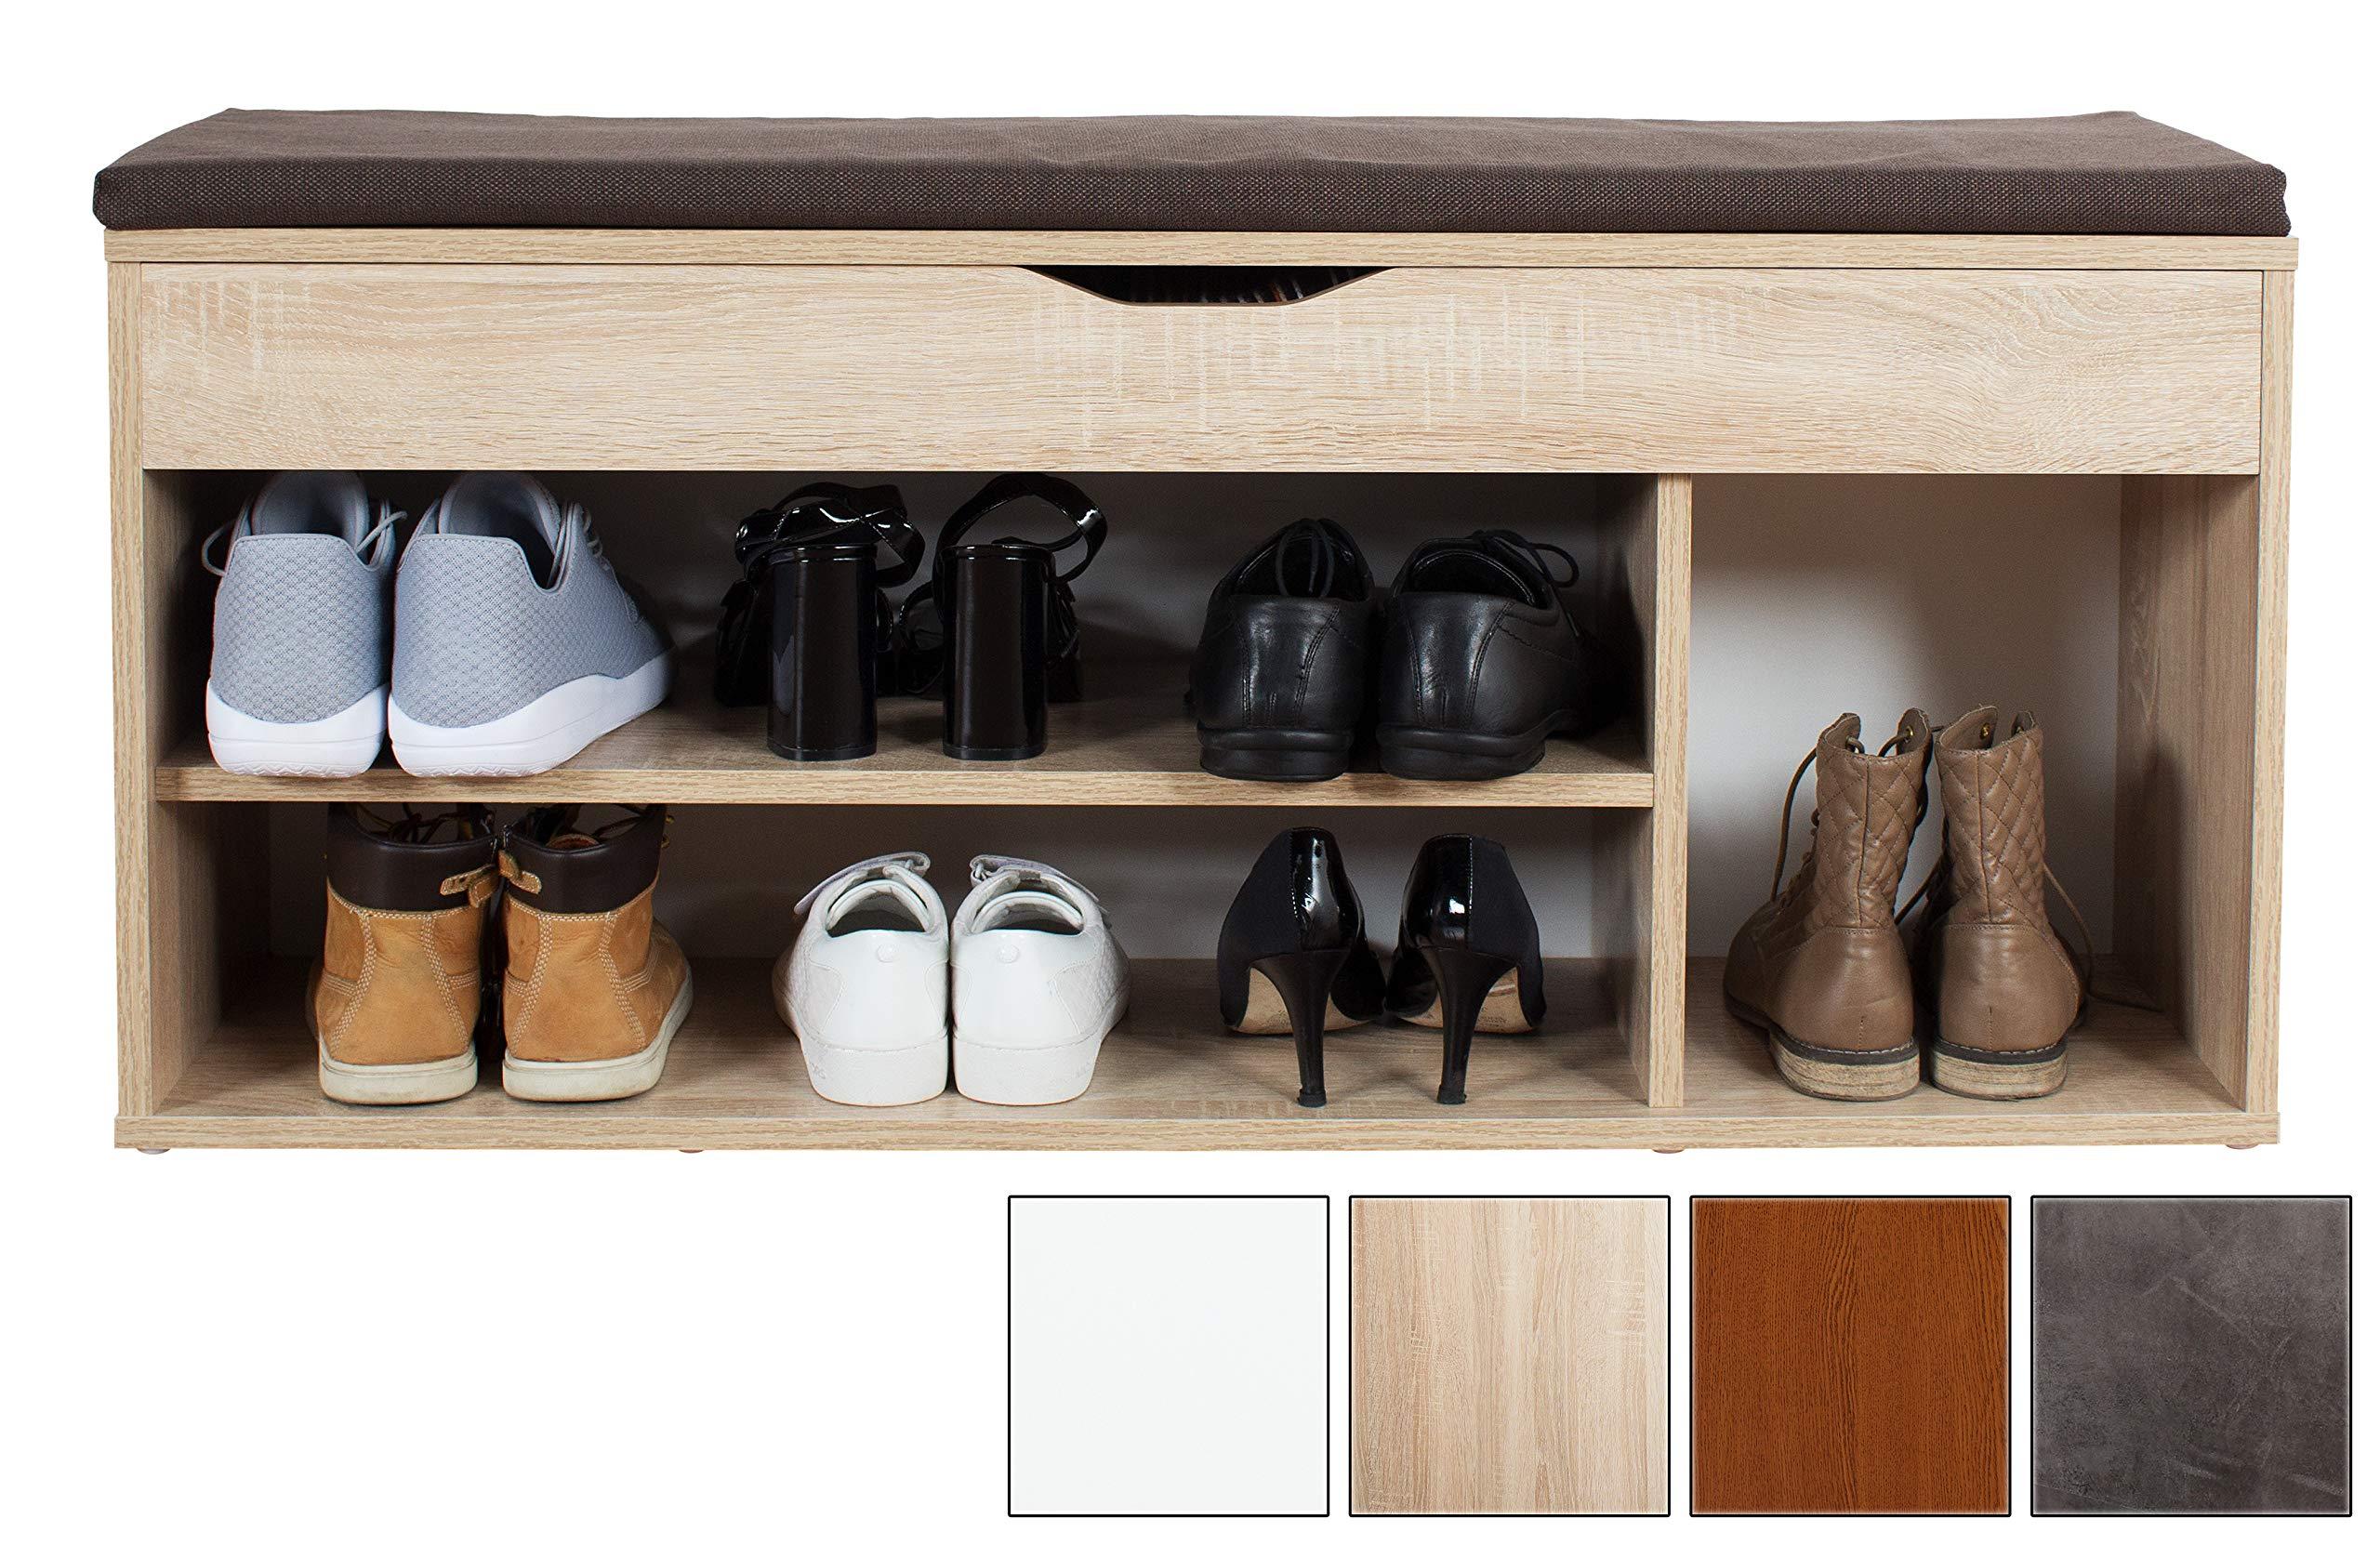 Innenarchitektur Flurmöbel Ideen Von Ricoo Sitzbank Mit Schuhregal Sitzfläche Aufklsuperbbar Schuhschrank